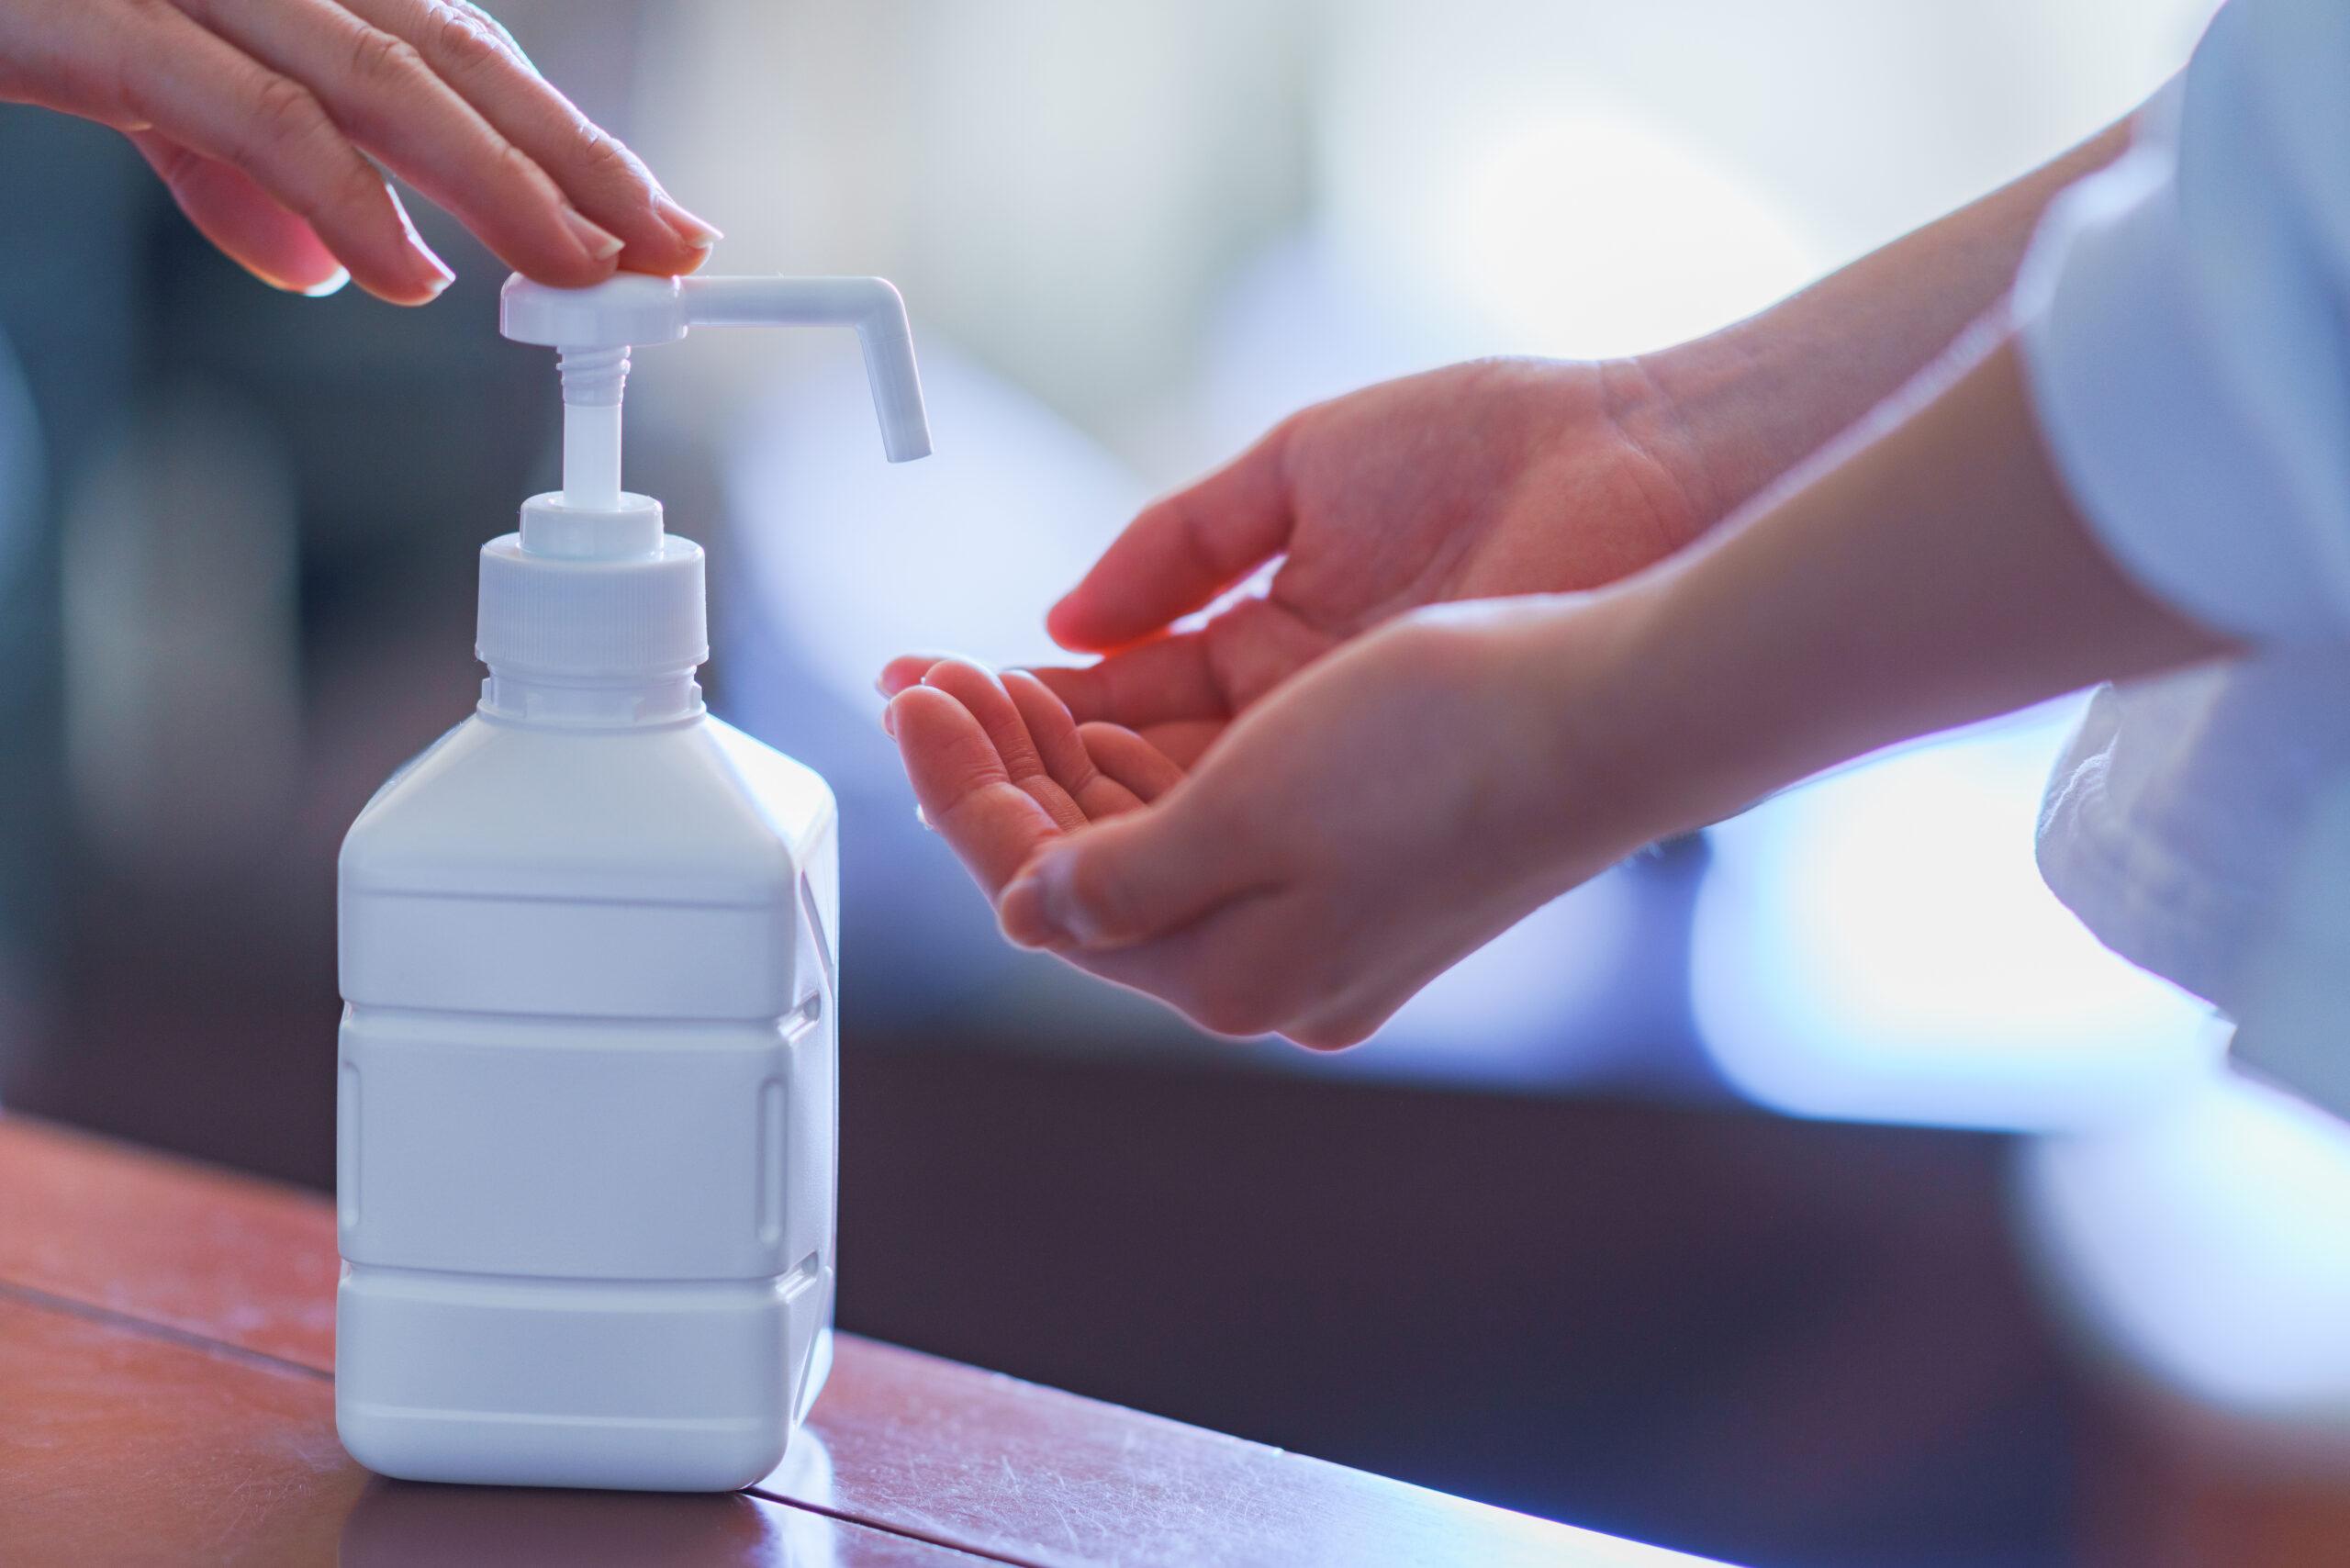 徹底した衛生管理・感染対策